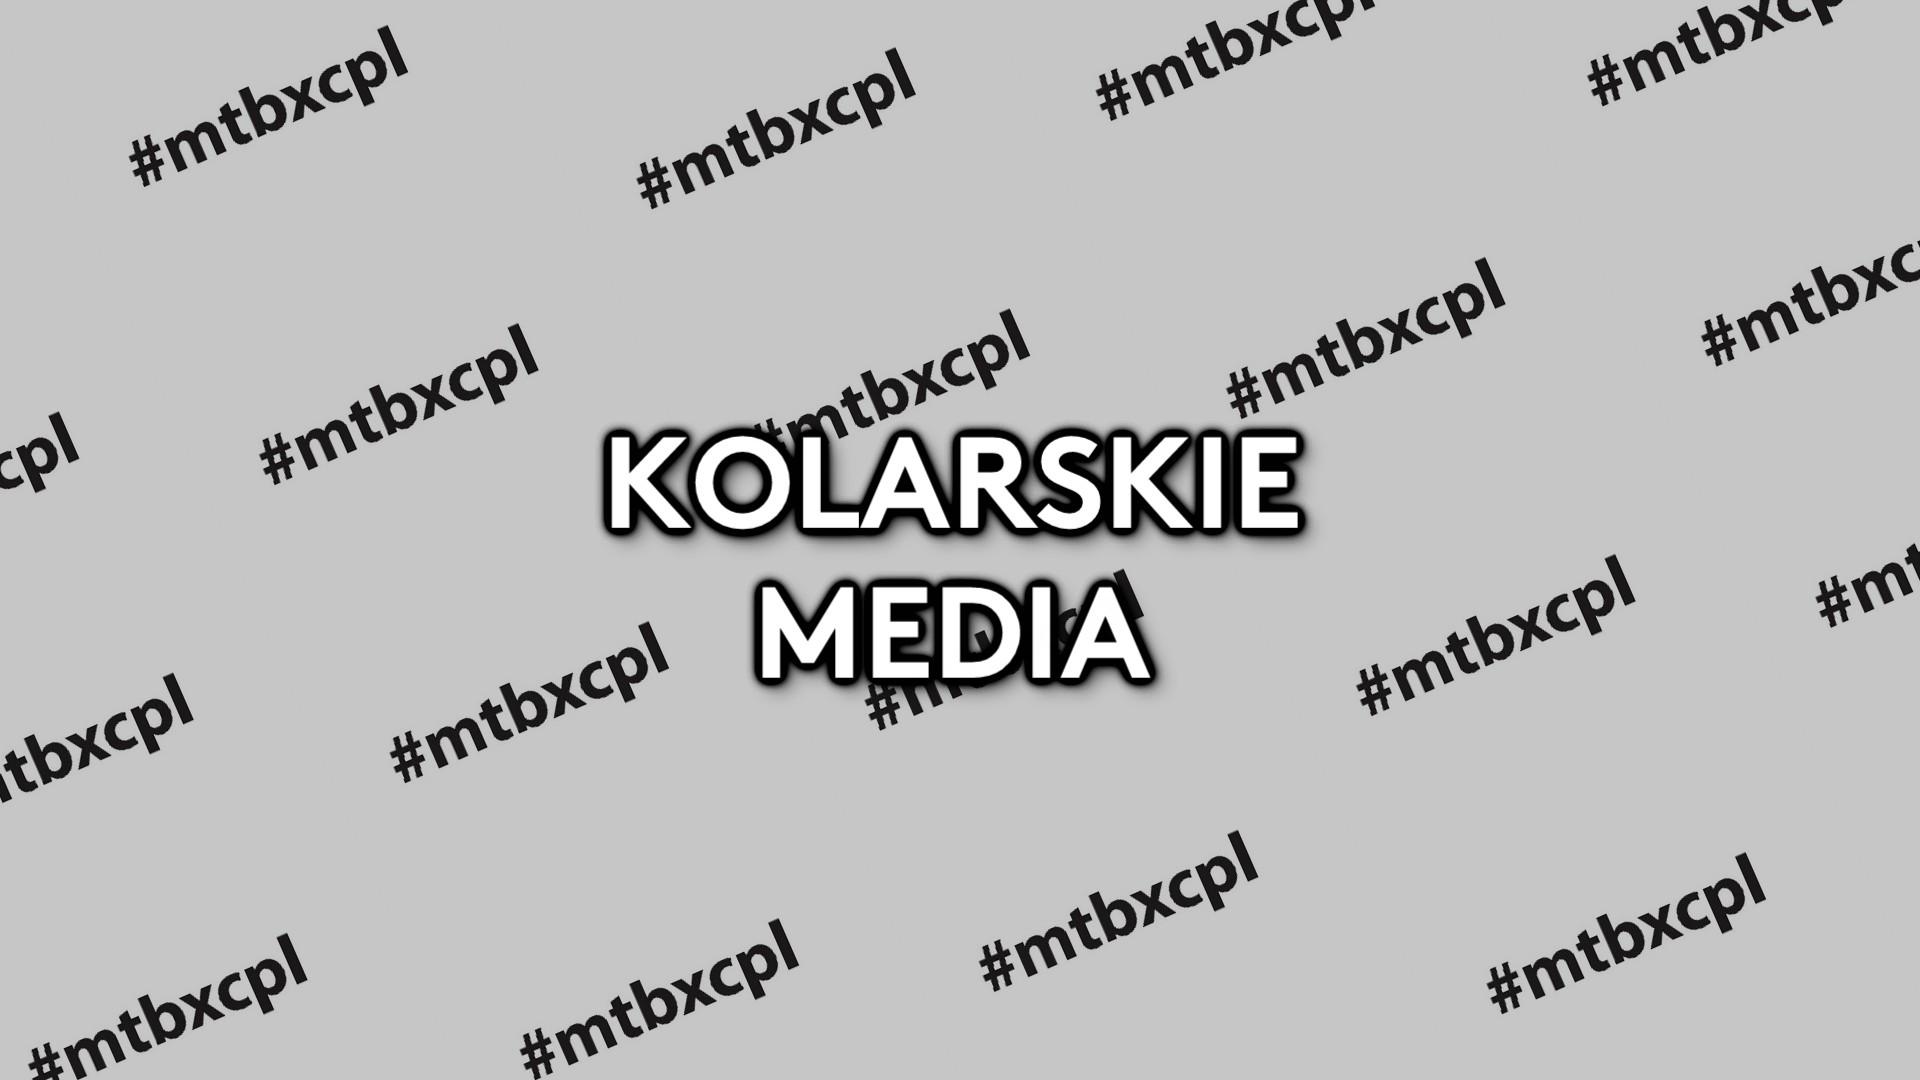 Kolarskie media w krzywym zwierciadle